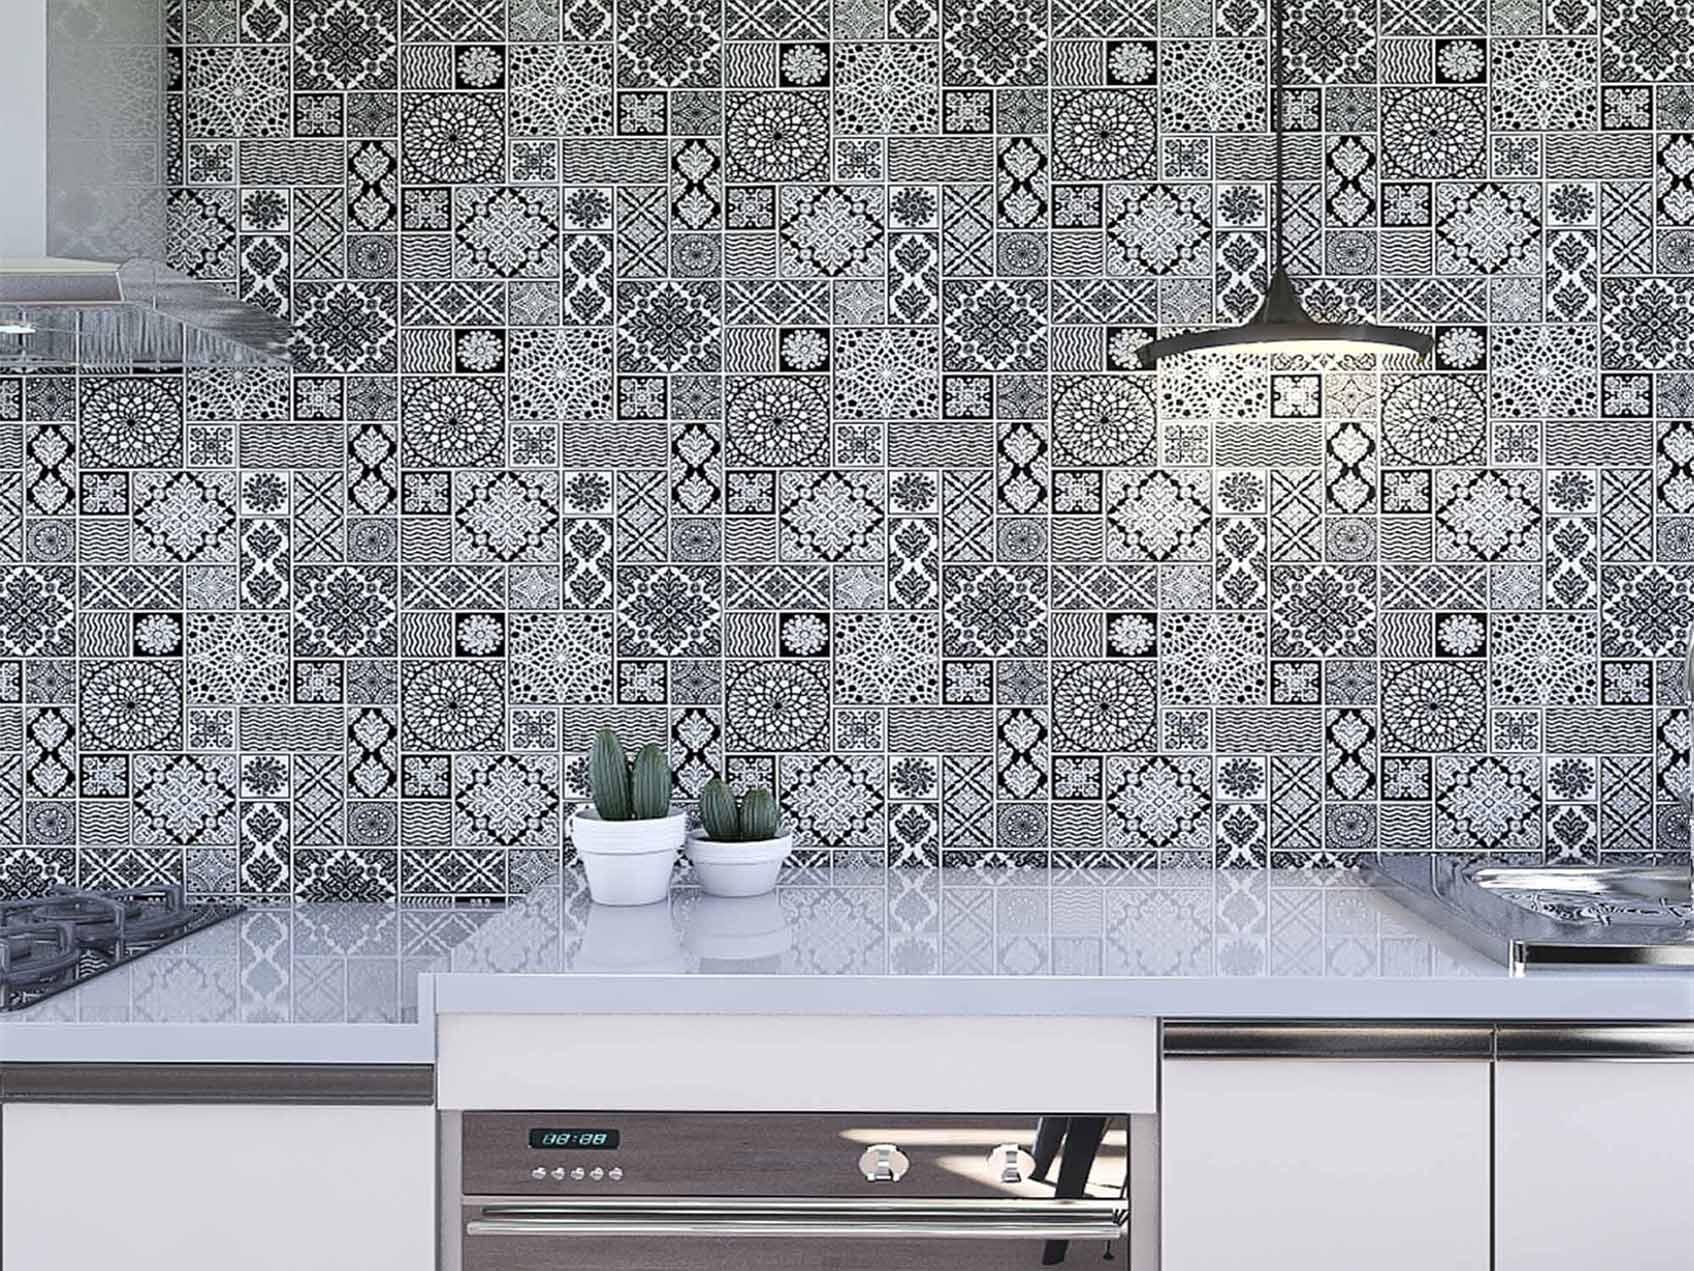 Papel de Parede para Cozinha Azulejos 0035 - Adesivos de Parede